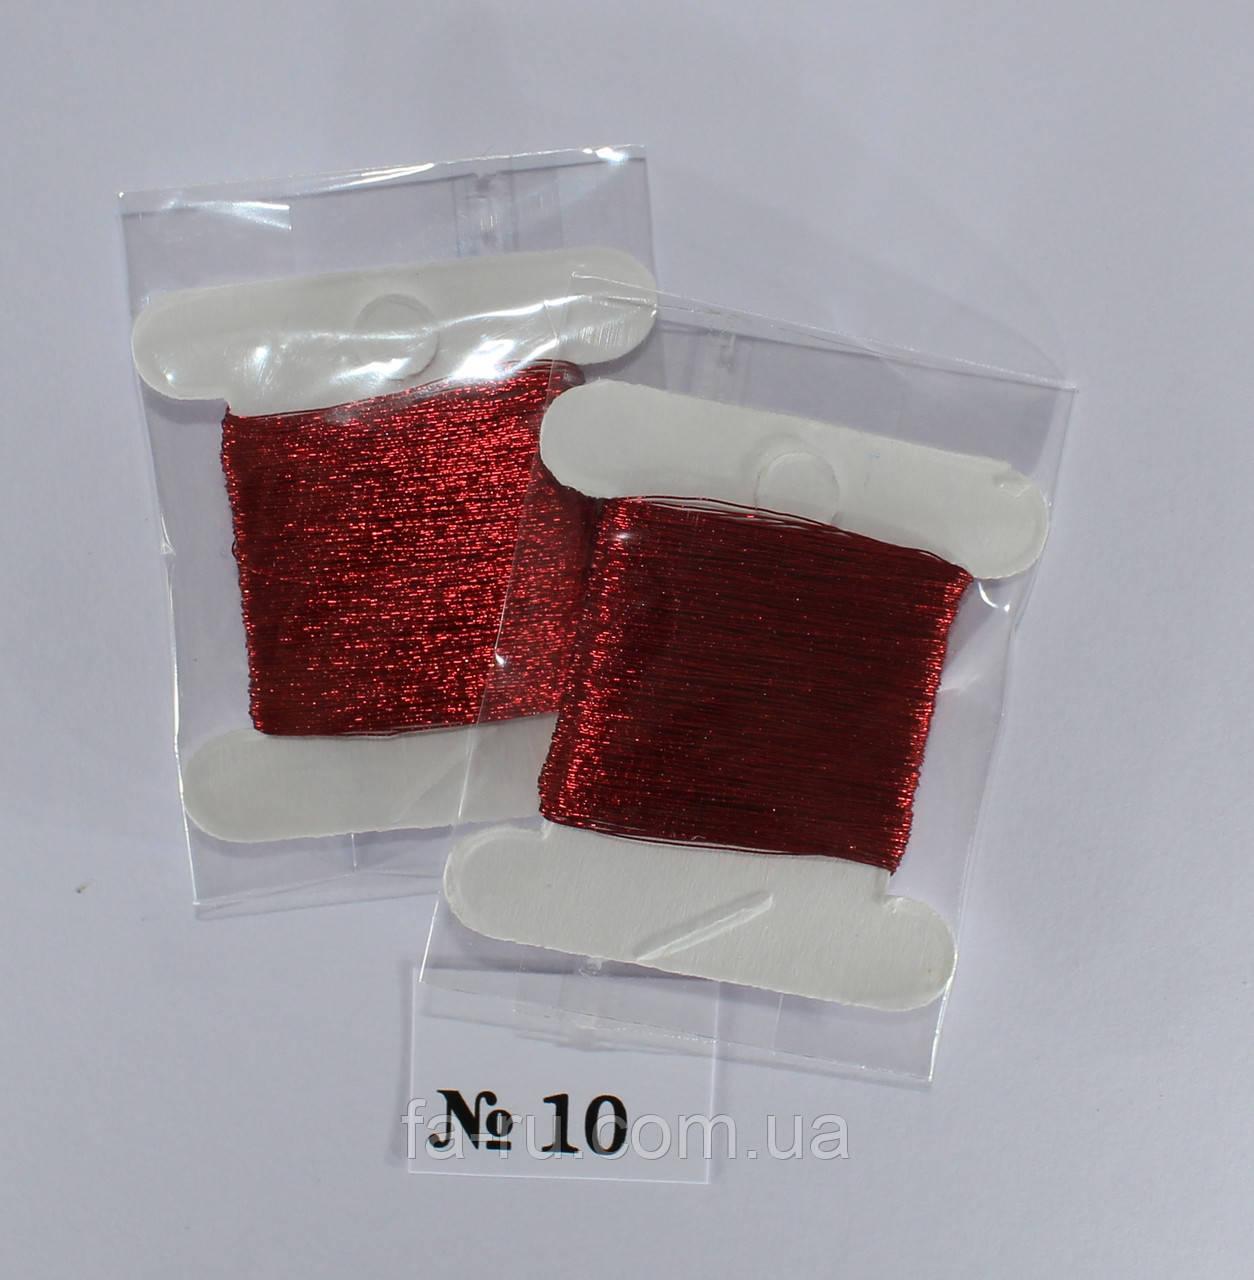 Люрекс Аллюр № 10. Красный 30 м